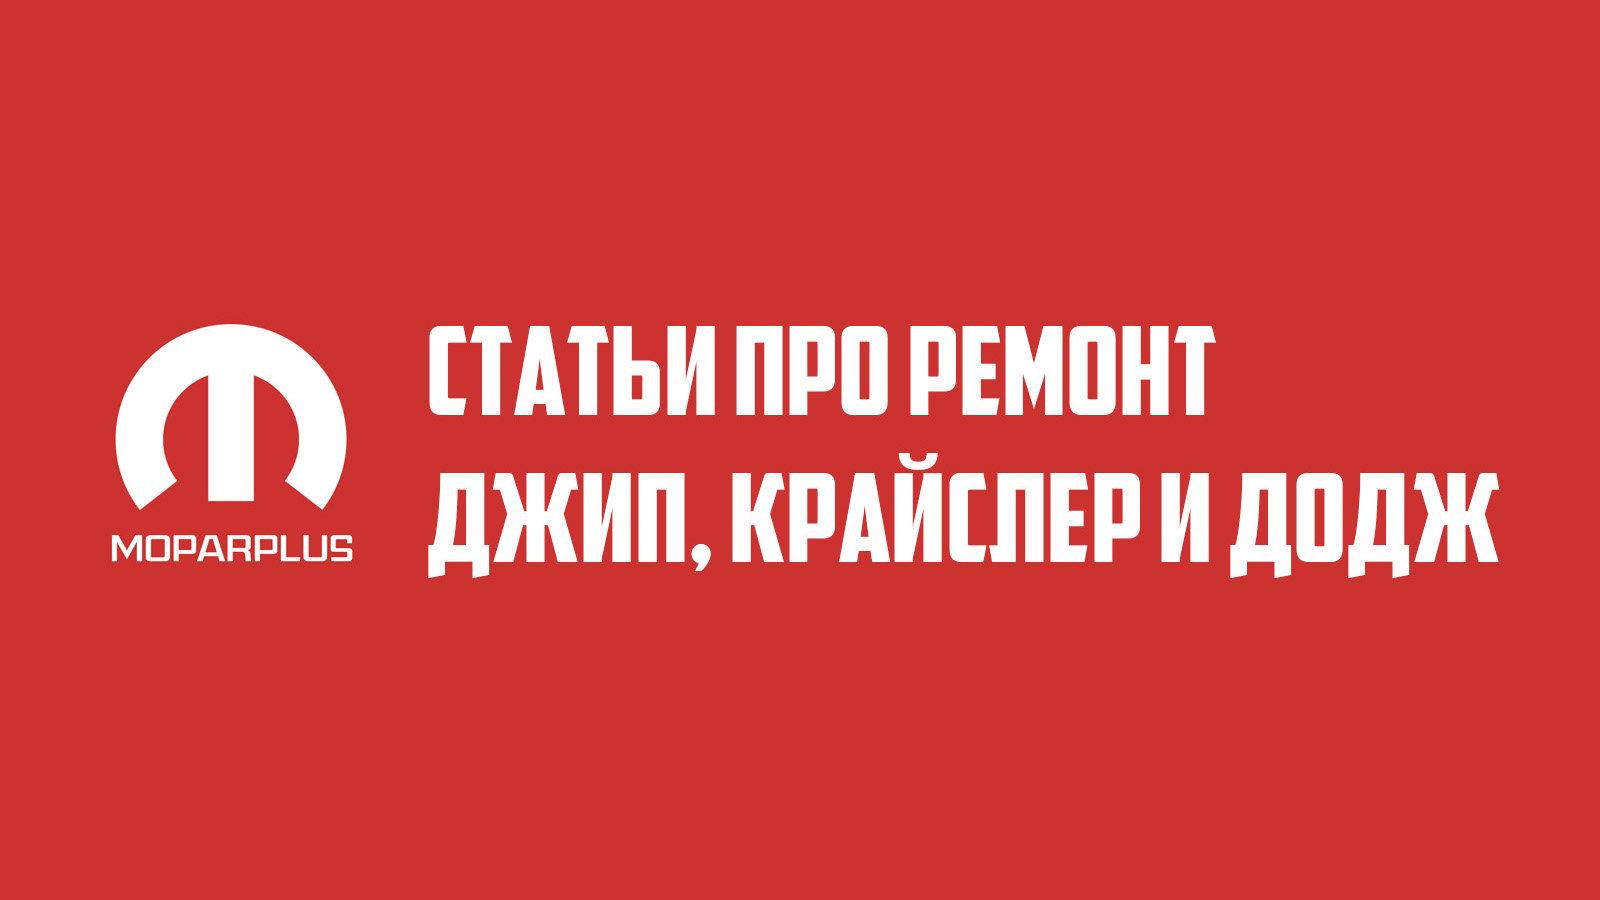 Статьи про ремонт. Выпуск №62.